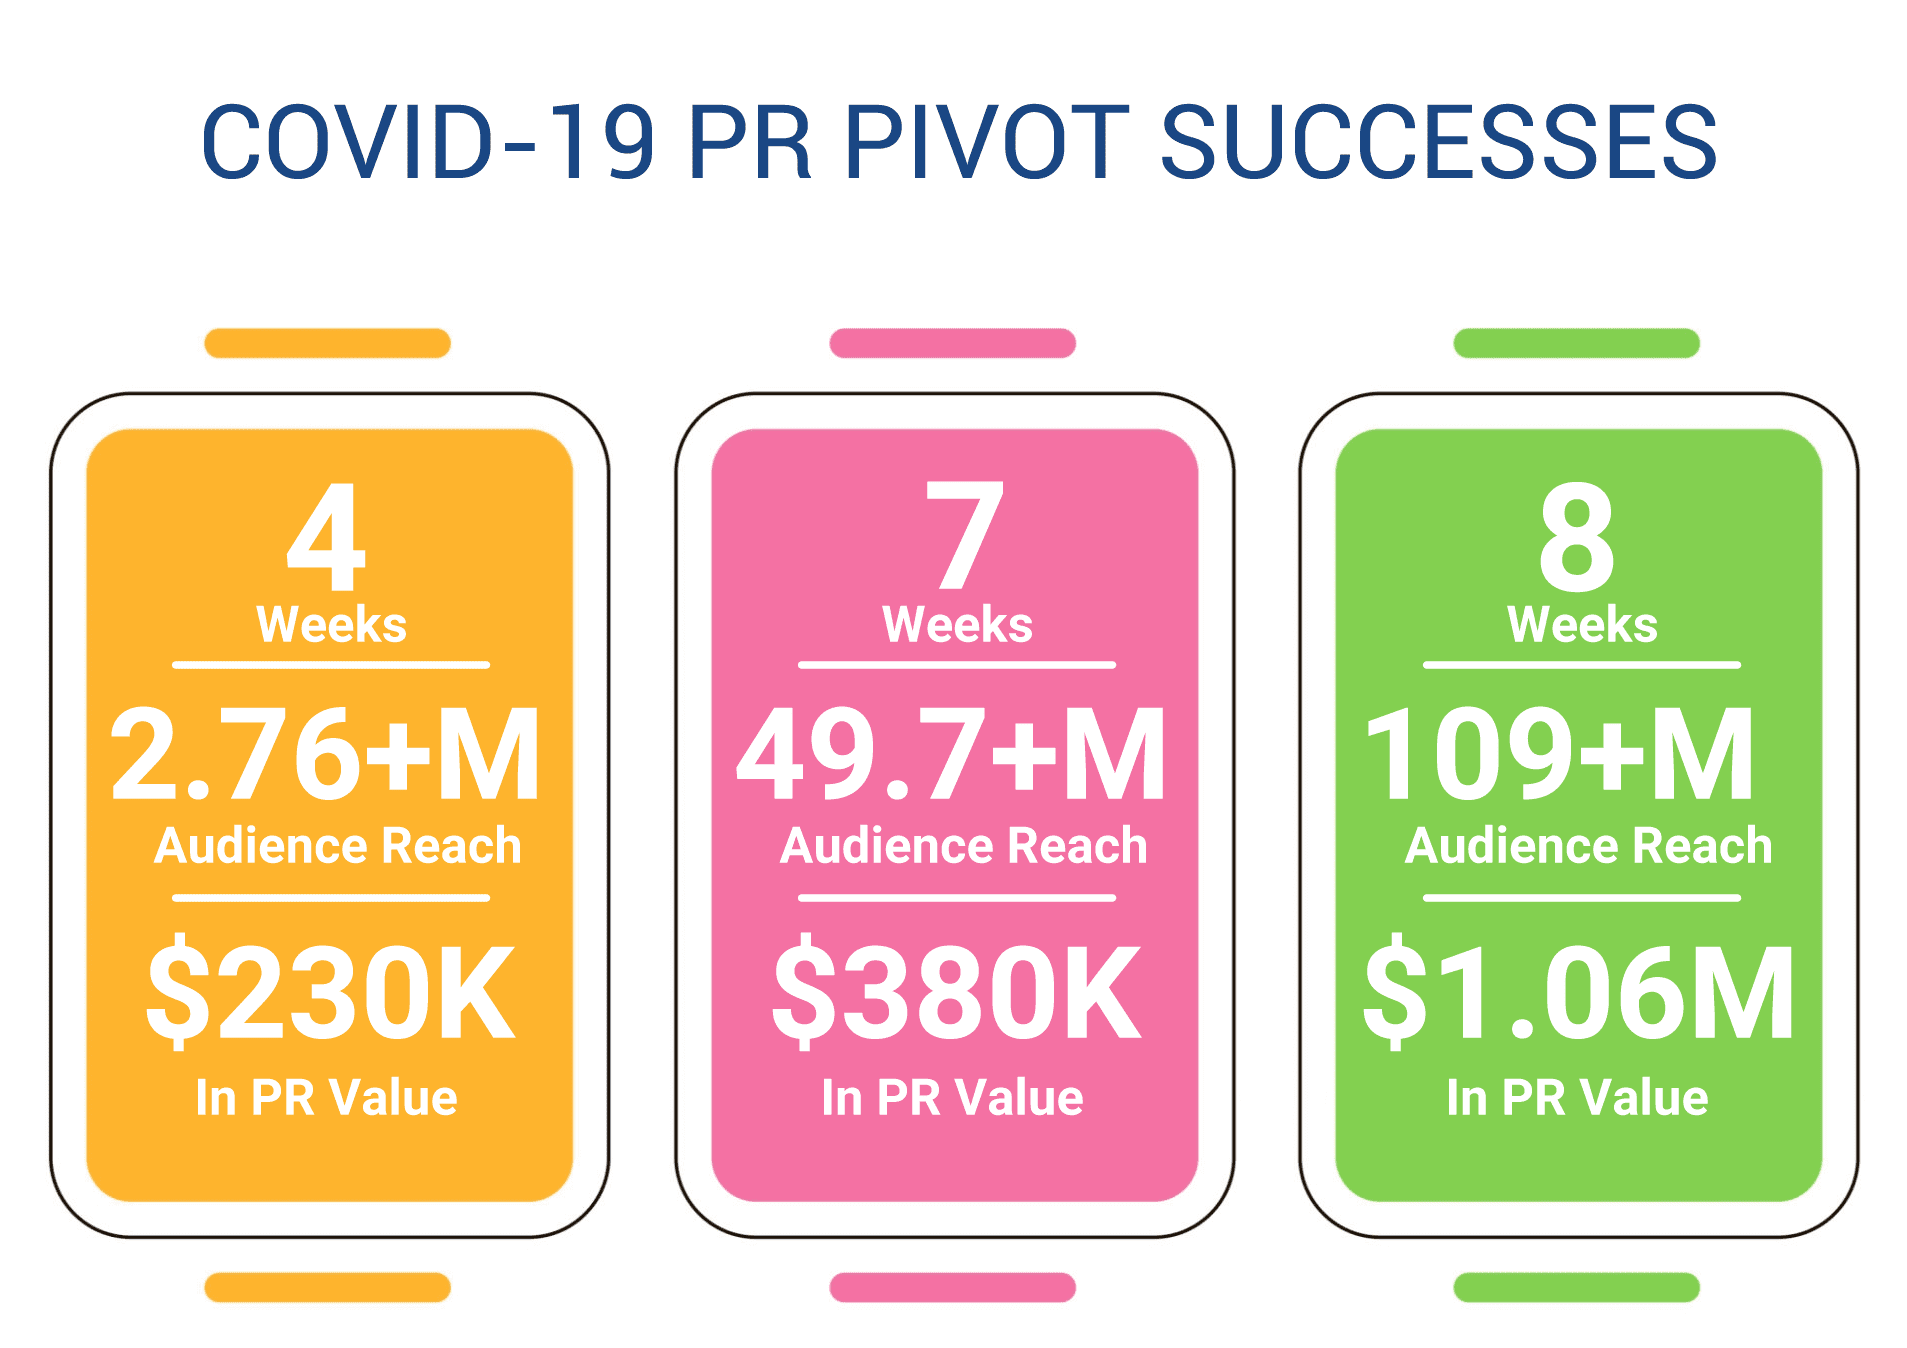 COVID-19 PR Pivot Successes